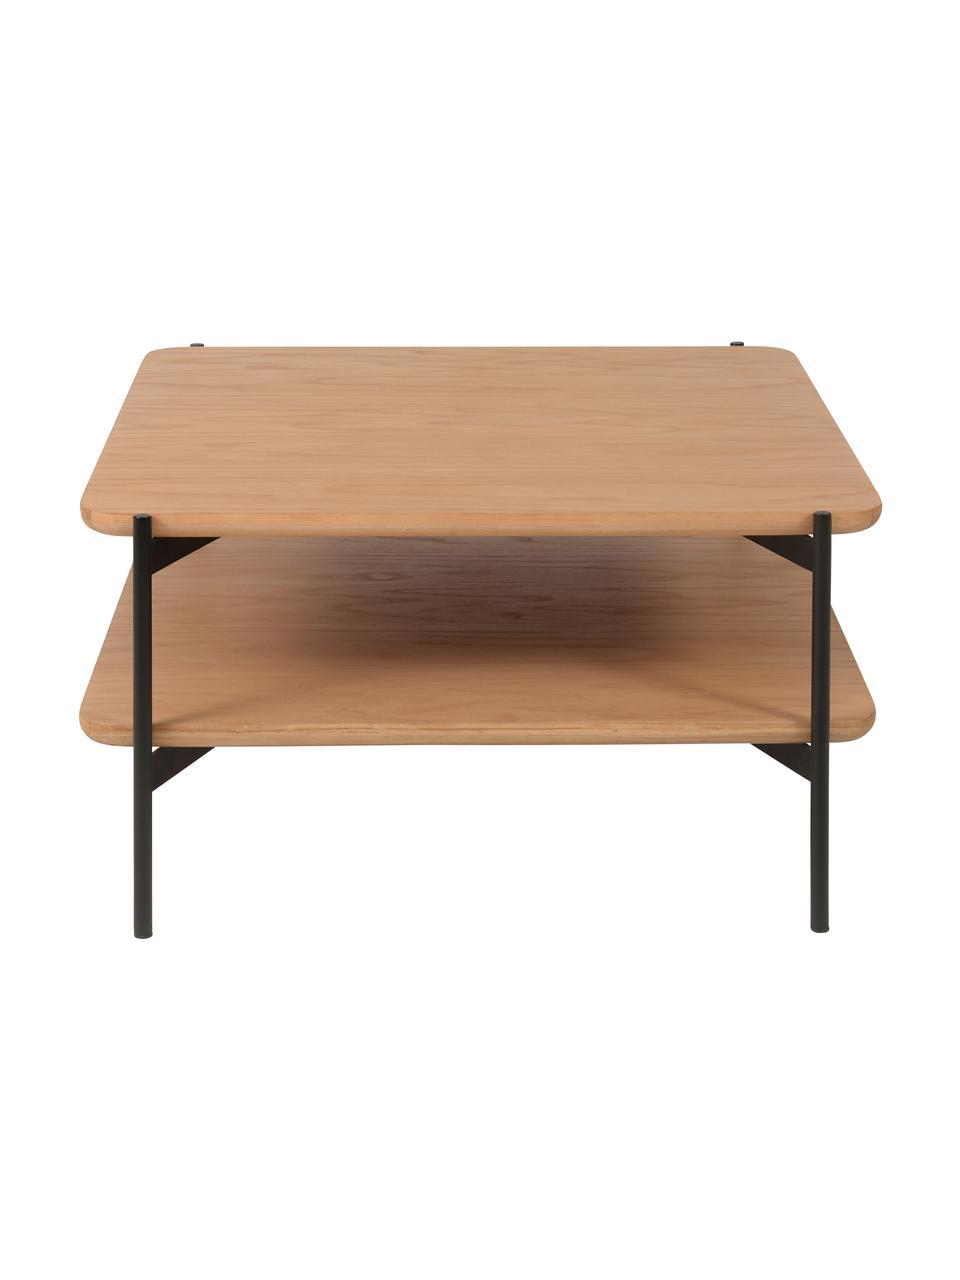 Tavolino da salotto in legno e metallo Easy, Gambe: metallo rivestito, Nero, marrone, Larg. 74 x Alt. 37 cm